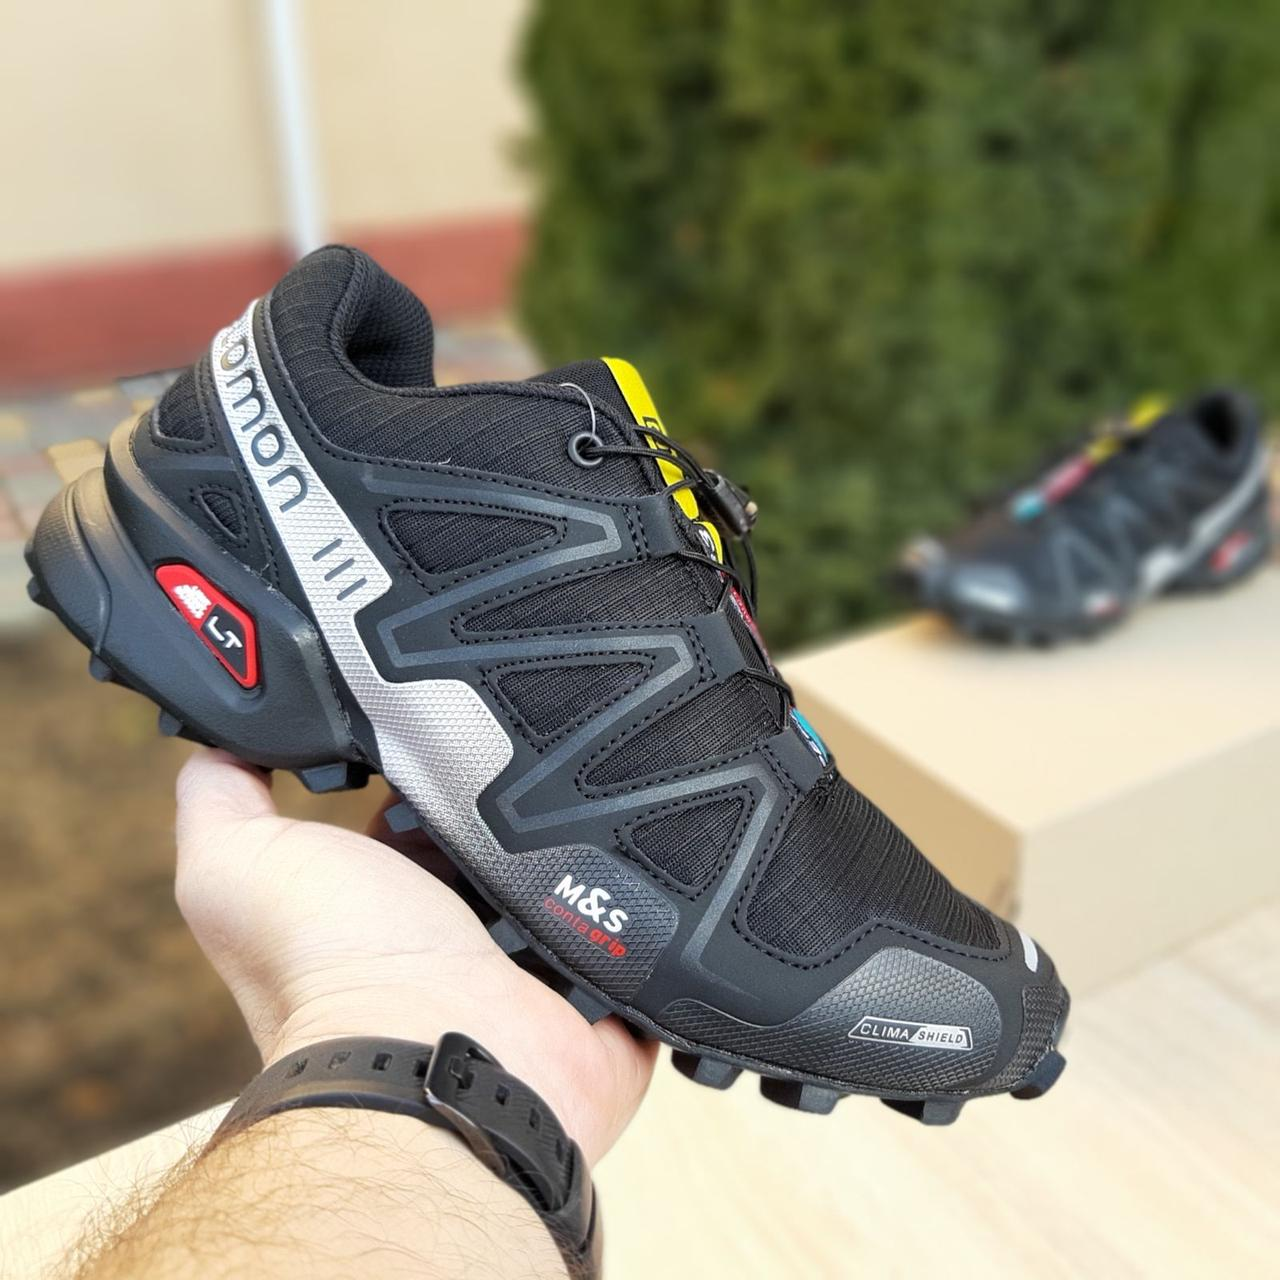 Мужские кроссовки Solom*n Speedcr*ss 3, Реплика